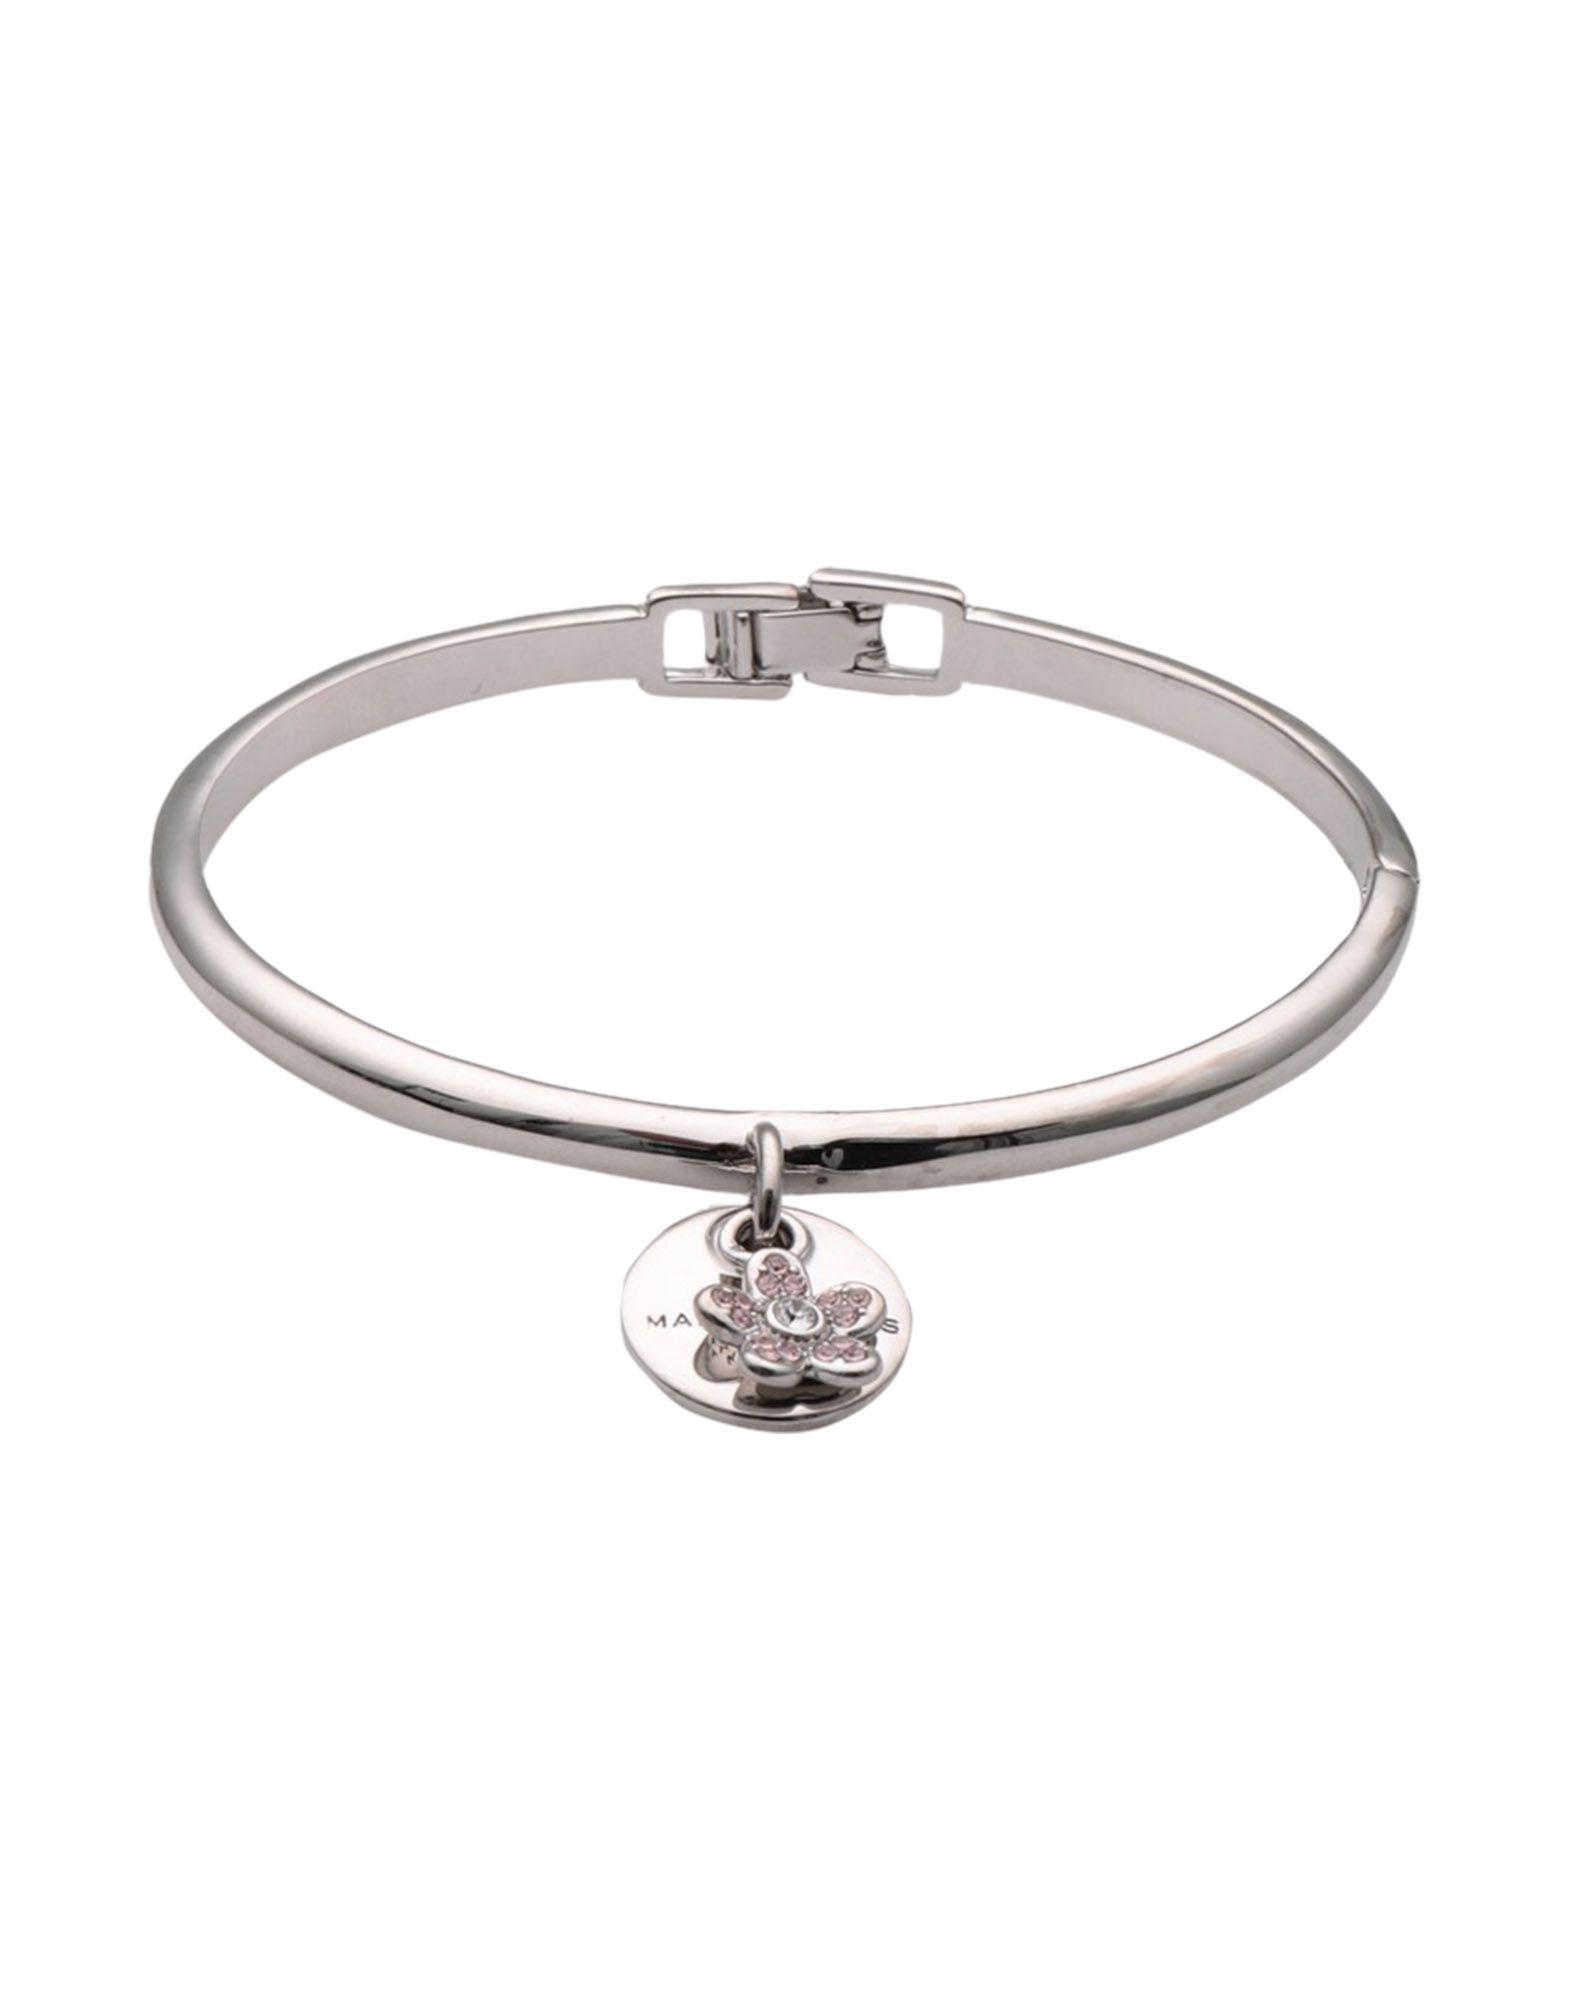 Marc Jacobs Bracelet In Silver